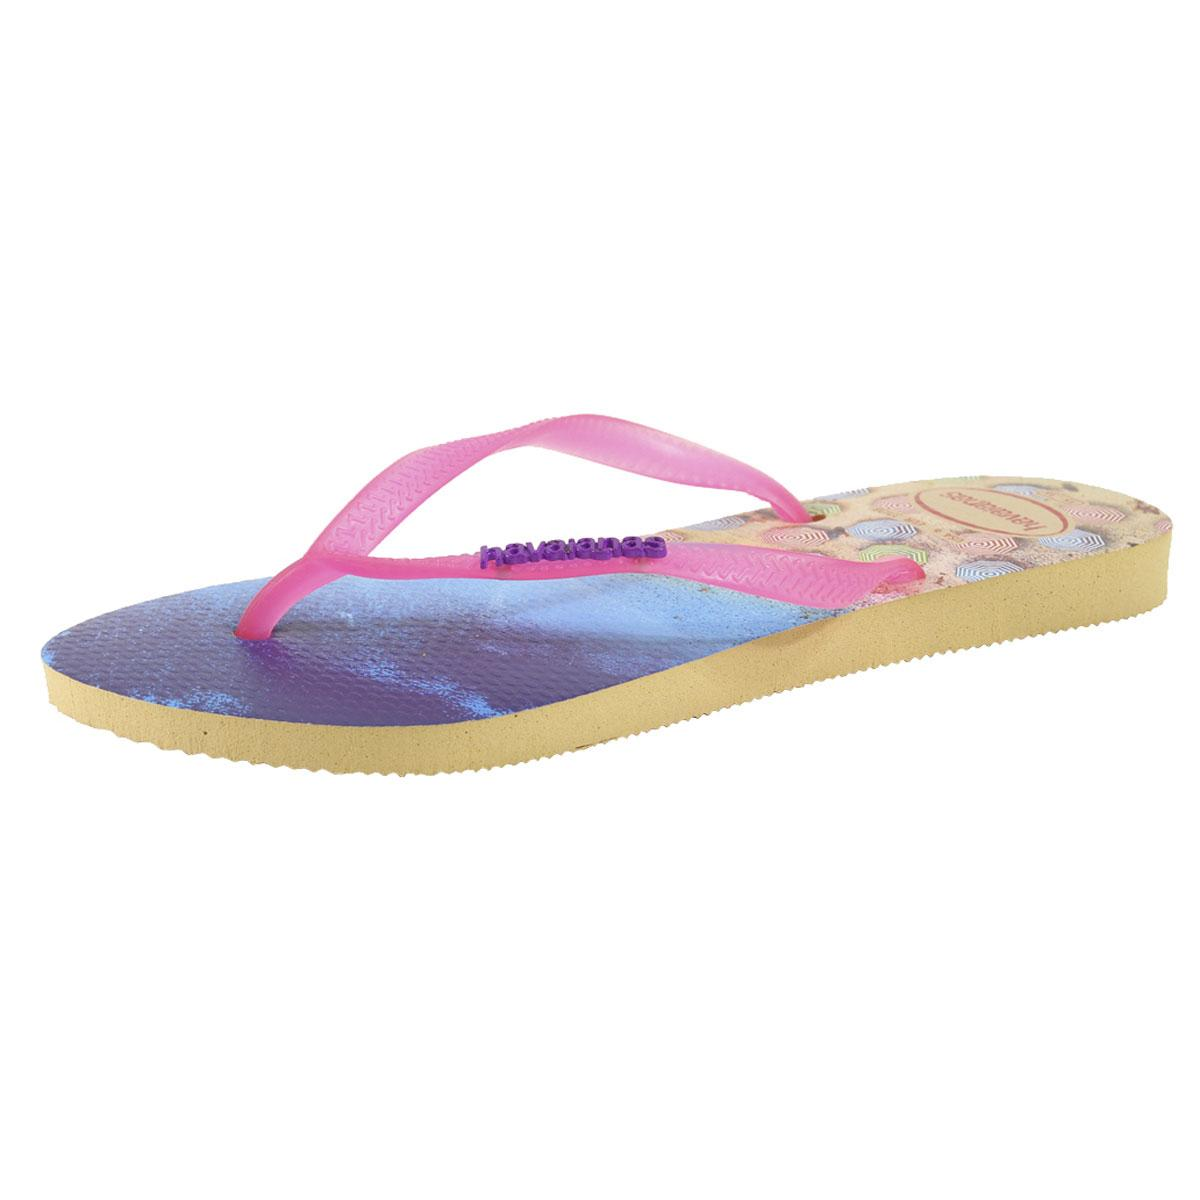 Image of Havainas Women's Slim Paisage Flip Flops Sandals Shoes - Ivory - 11 12 B(M) US